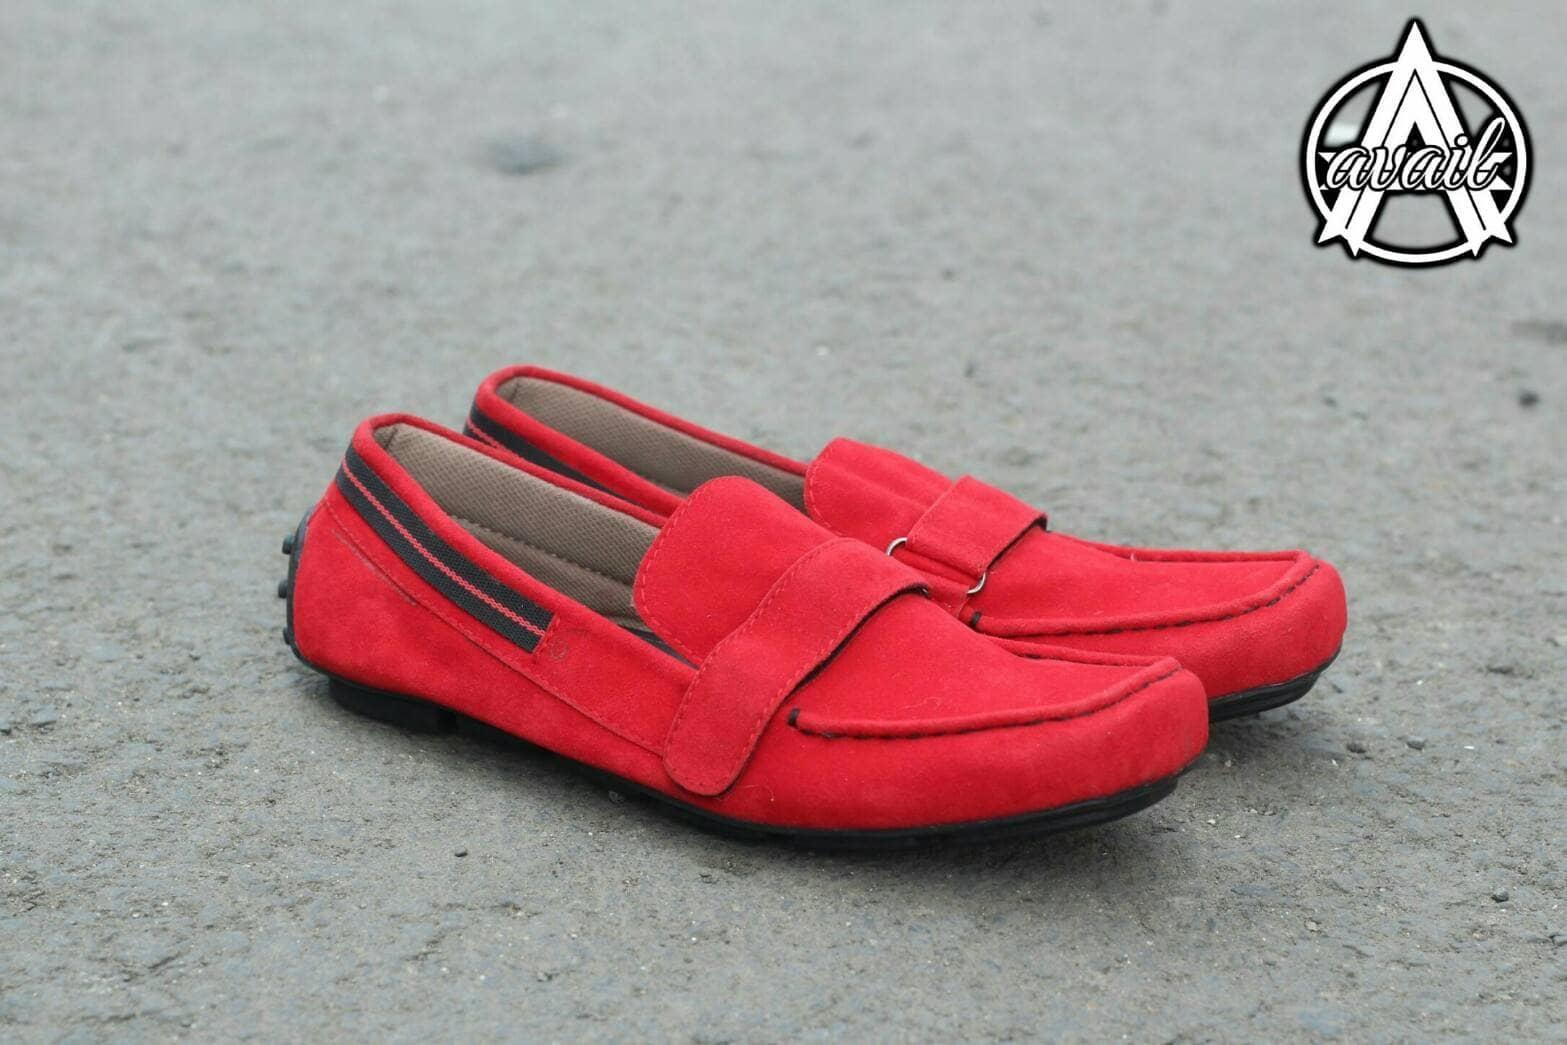 Termurah Promo Gratis Kaos Kaki Sepatu Slop Avail Everbest Original Harga Murah Flash Sale